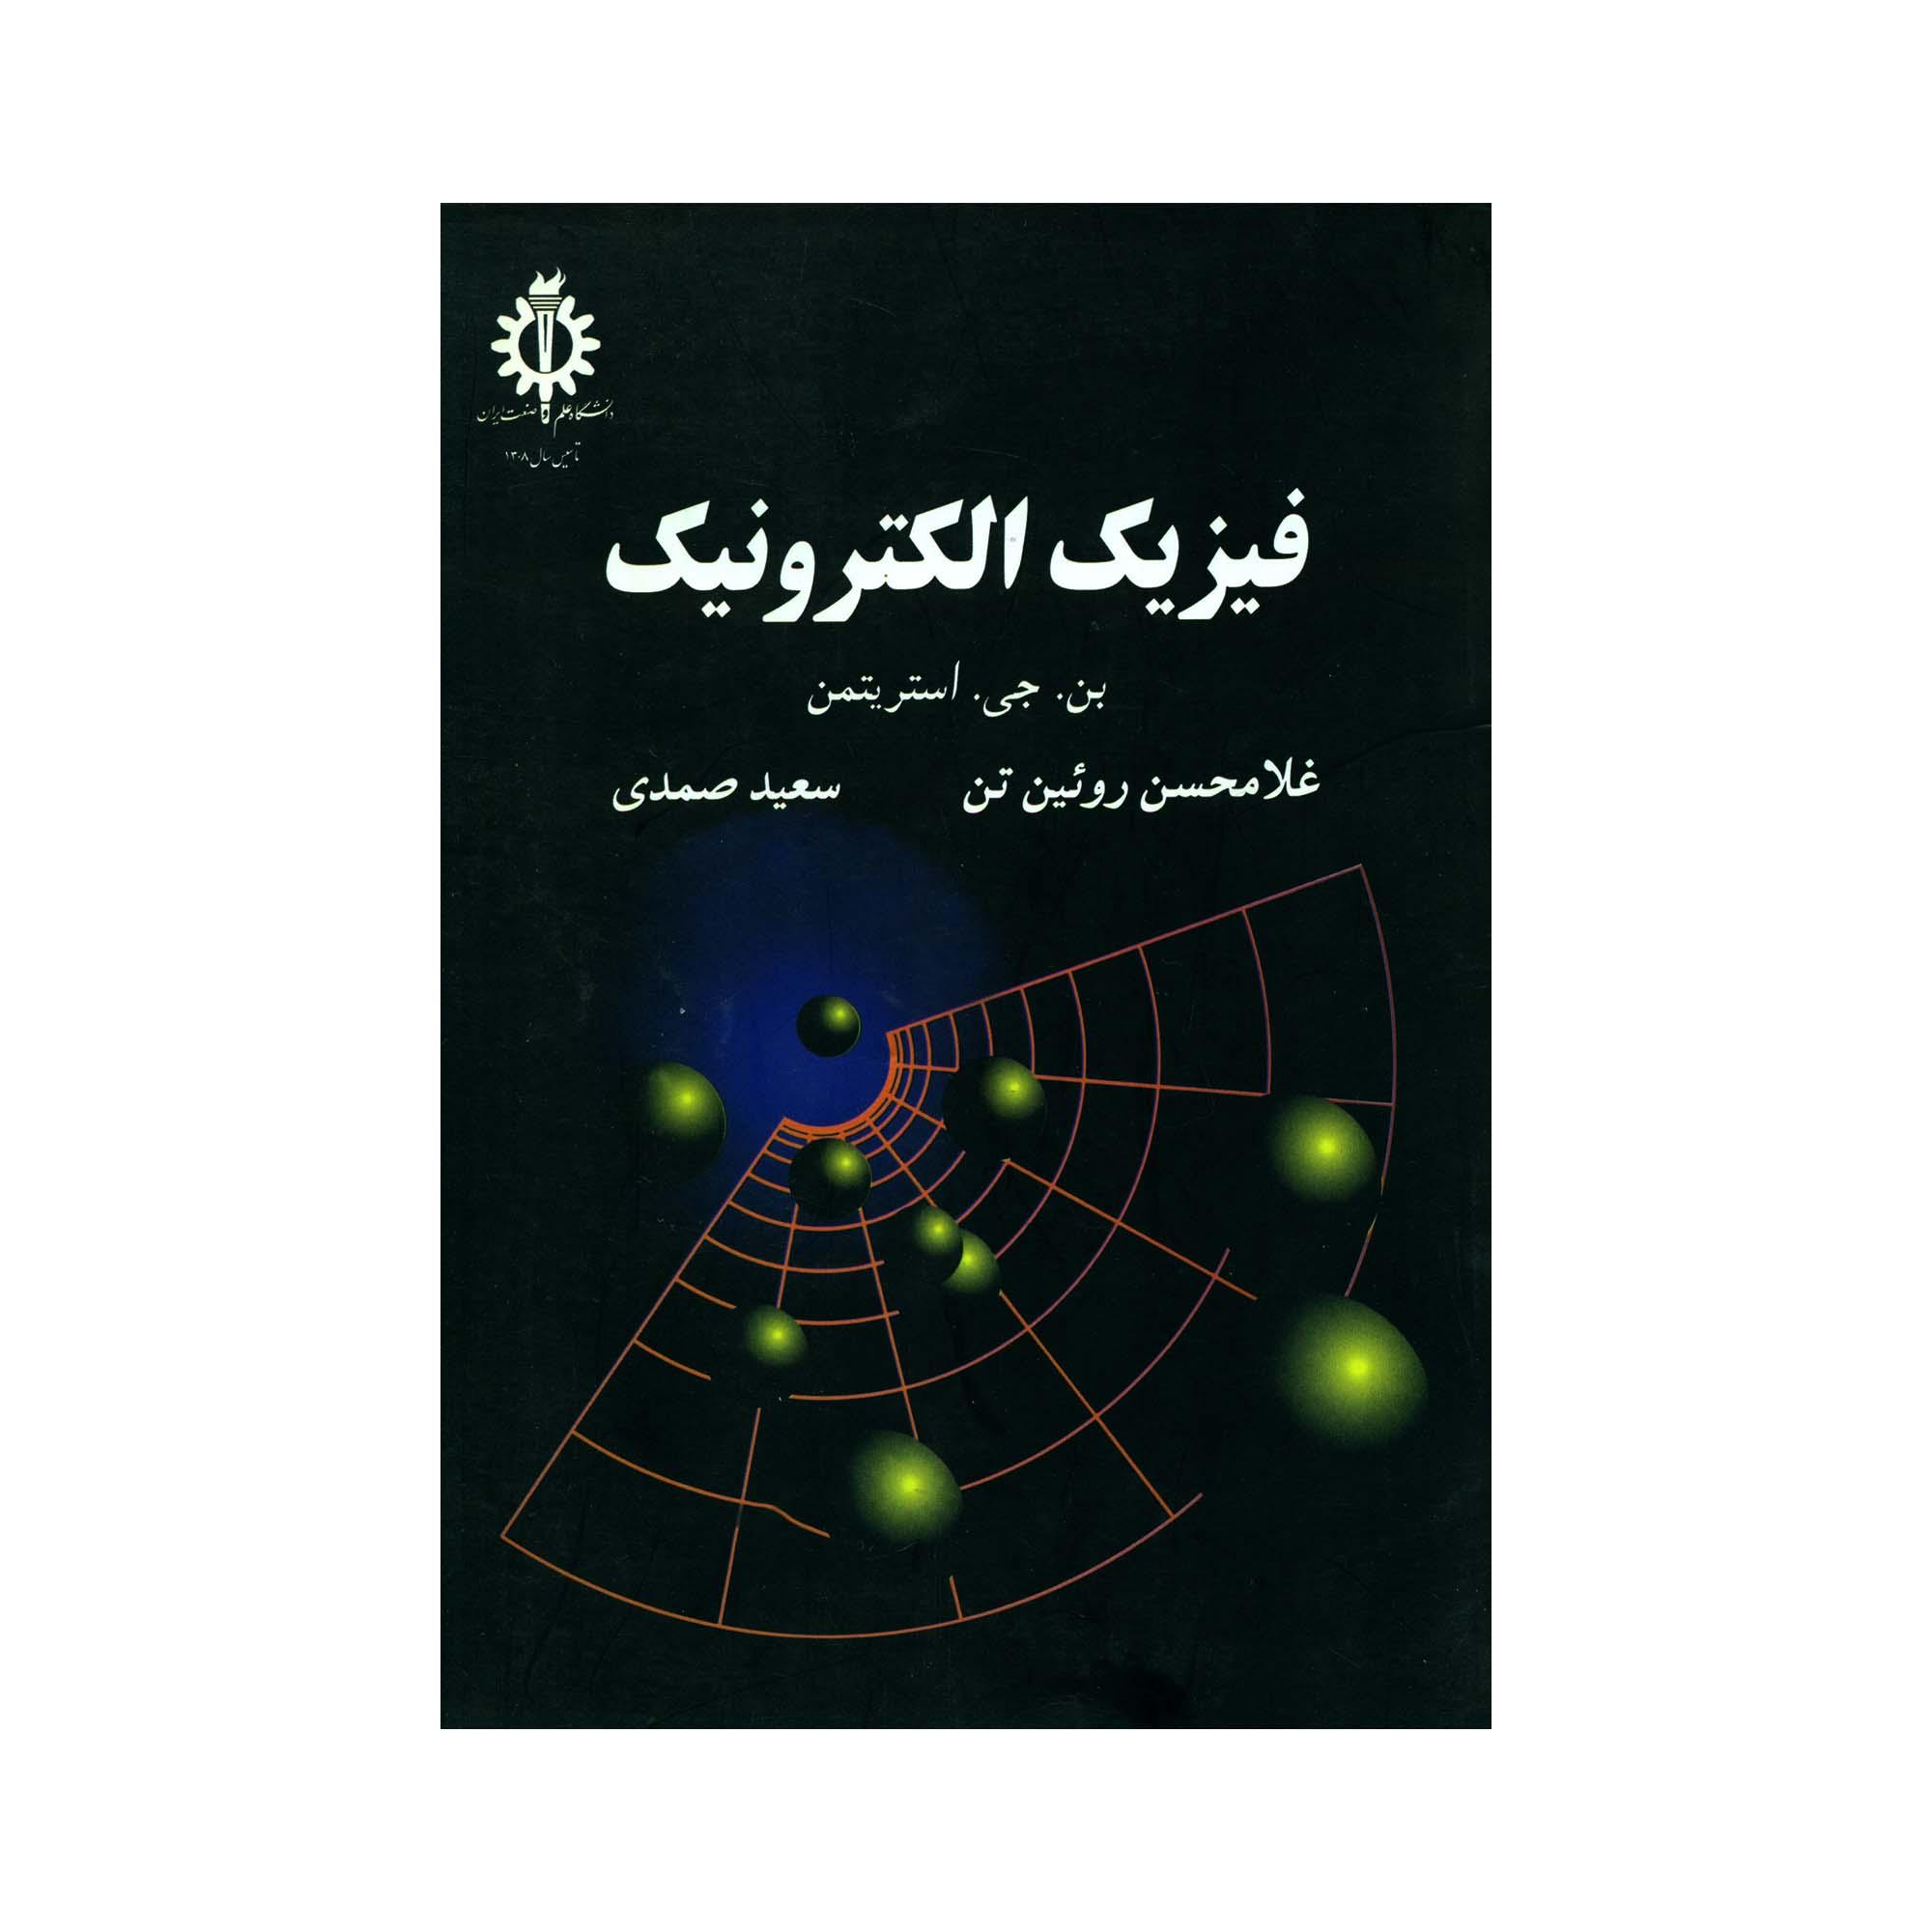 کتاب فیزیک الکترونیک اثر بن. جی. استریتمن انتشارات دانشگاه علم و صنعت ایران